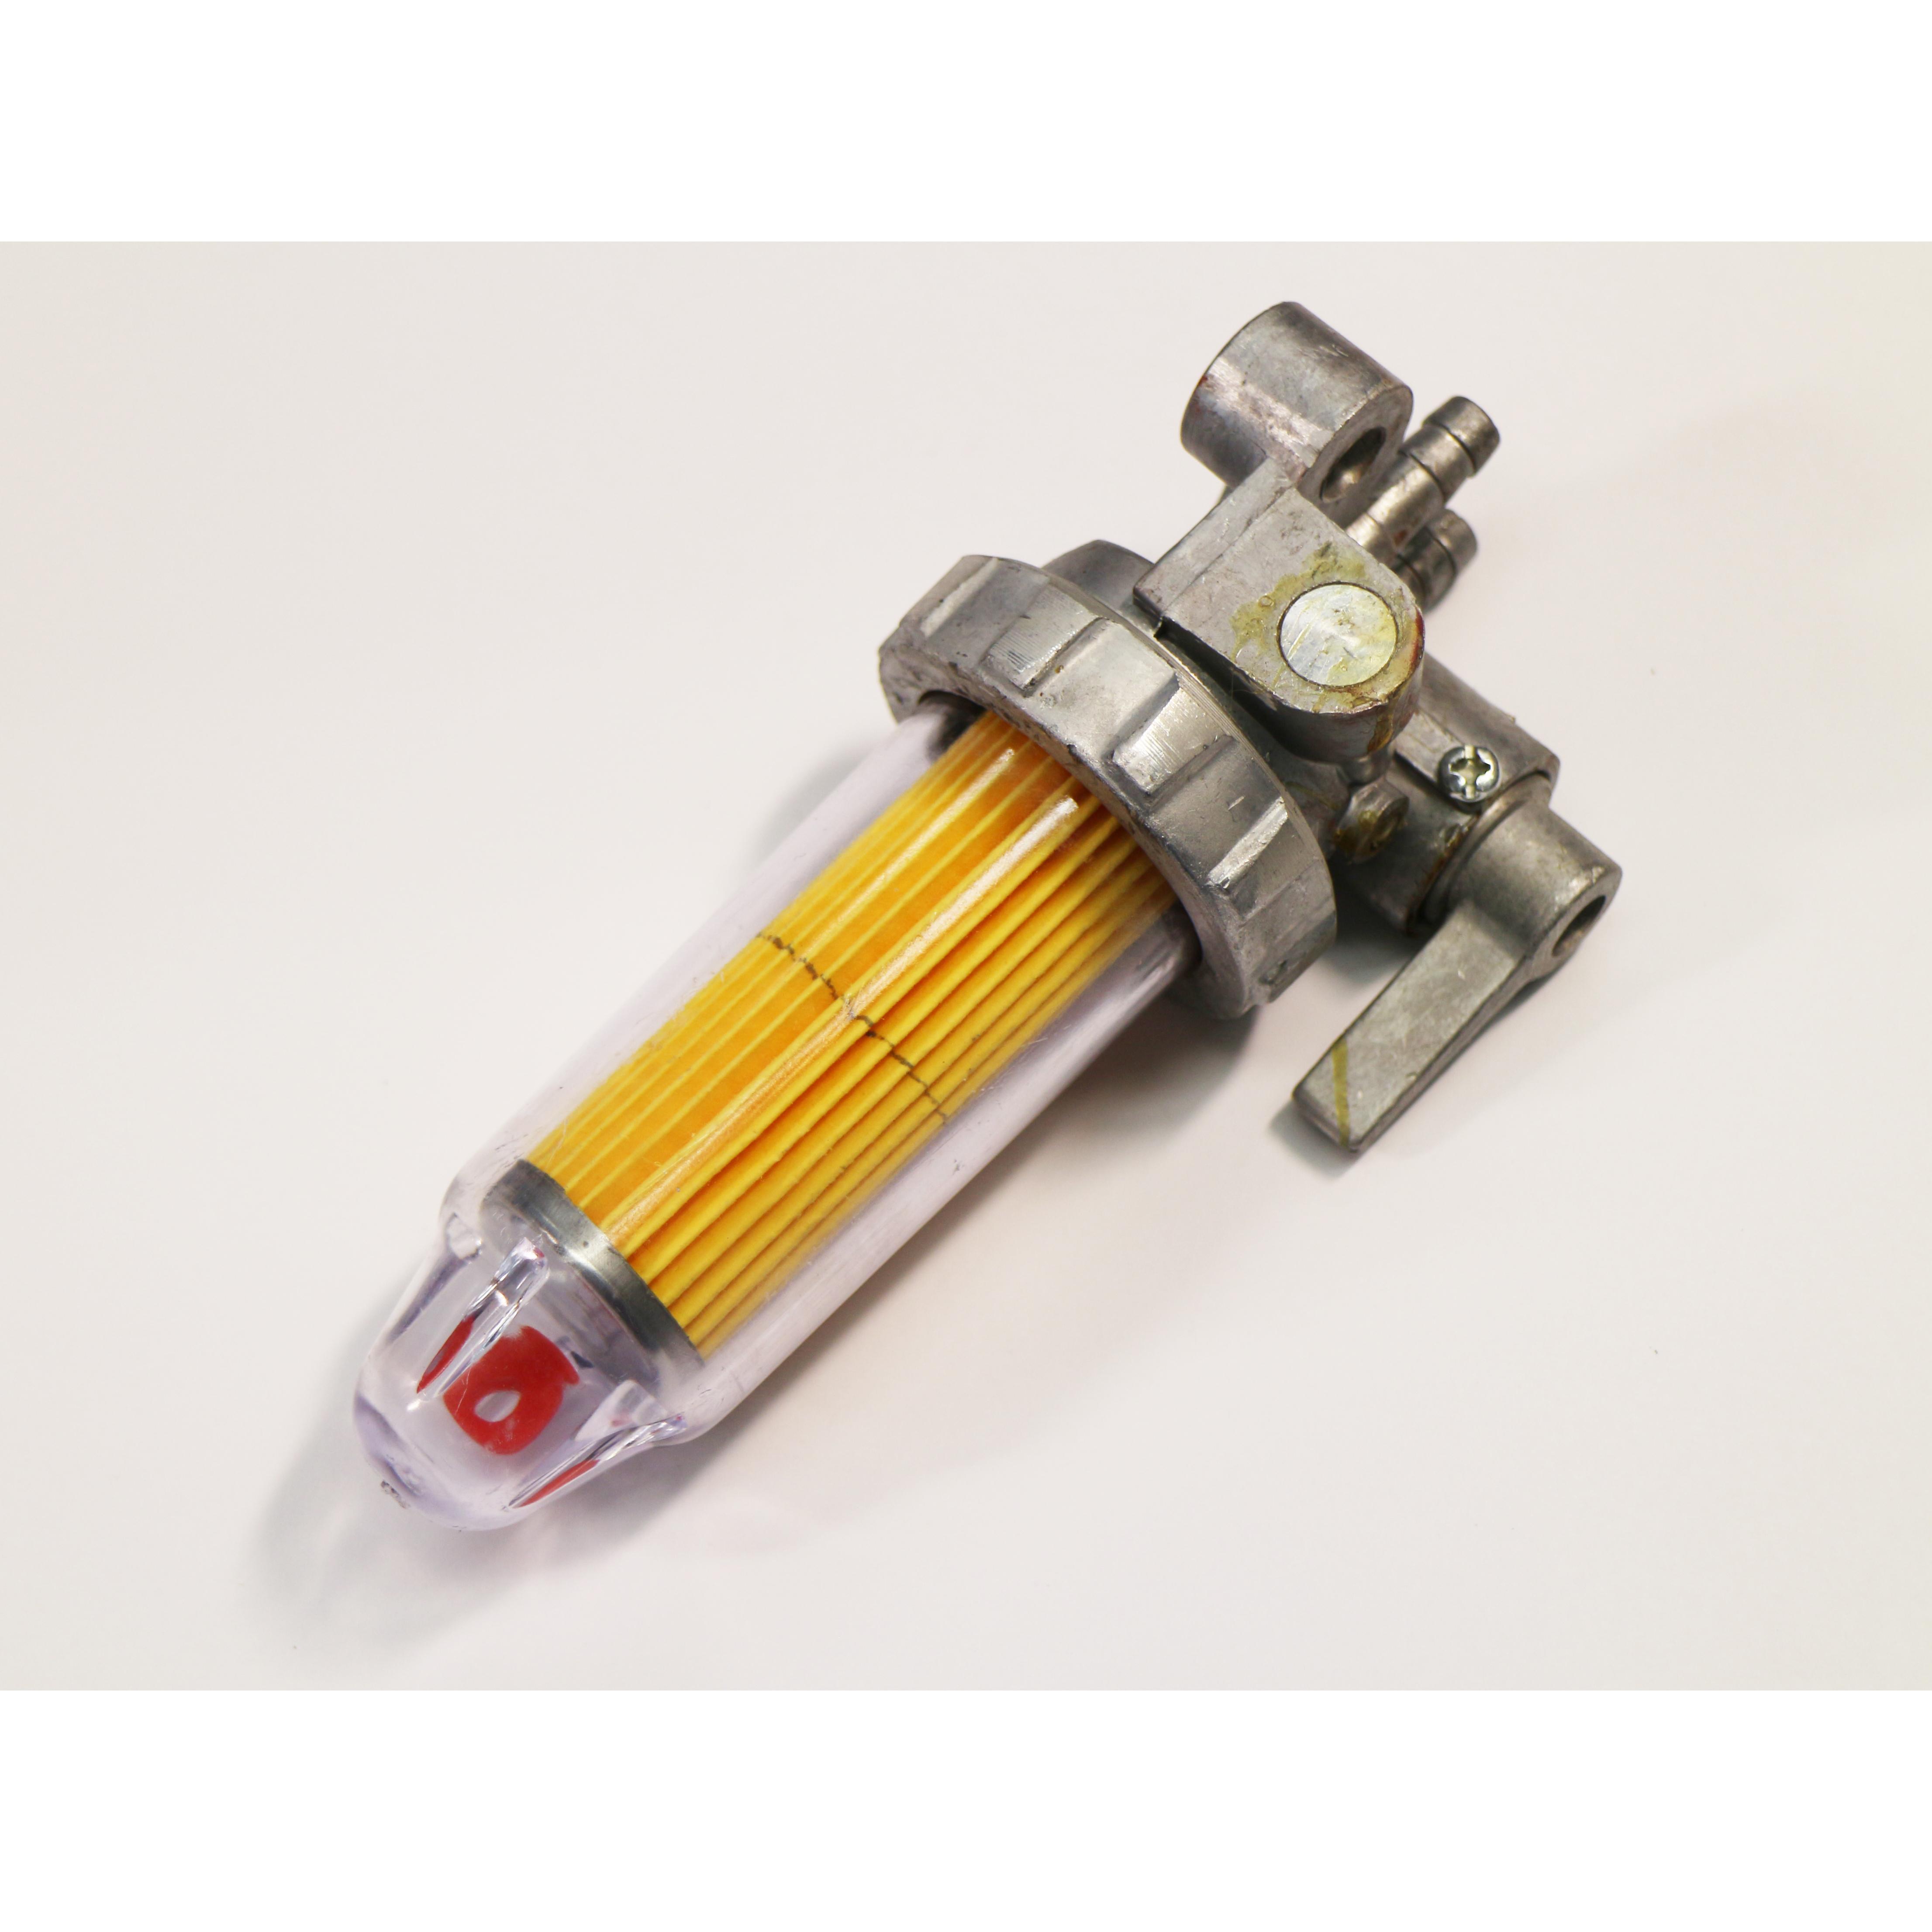 dieselfilter mit absperrhahn kraftstoffilter wasserabscheider anbaufilter ebay